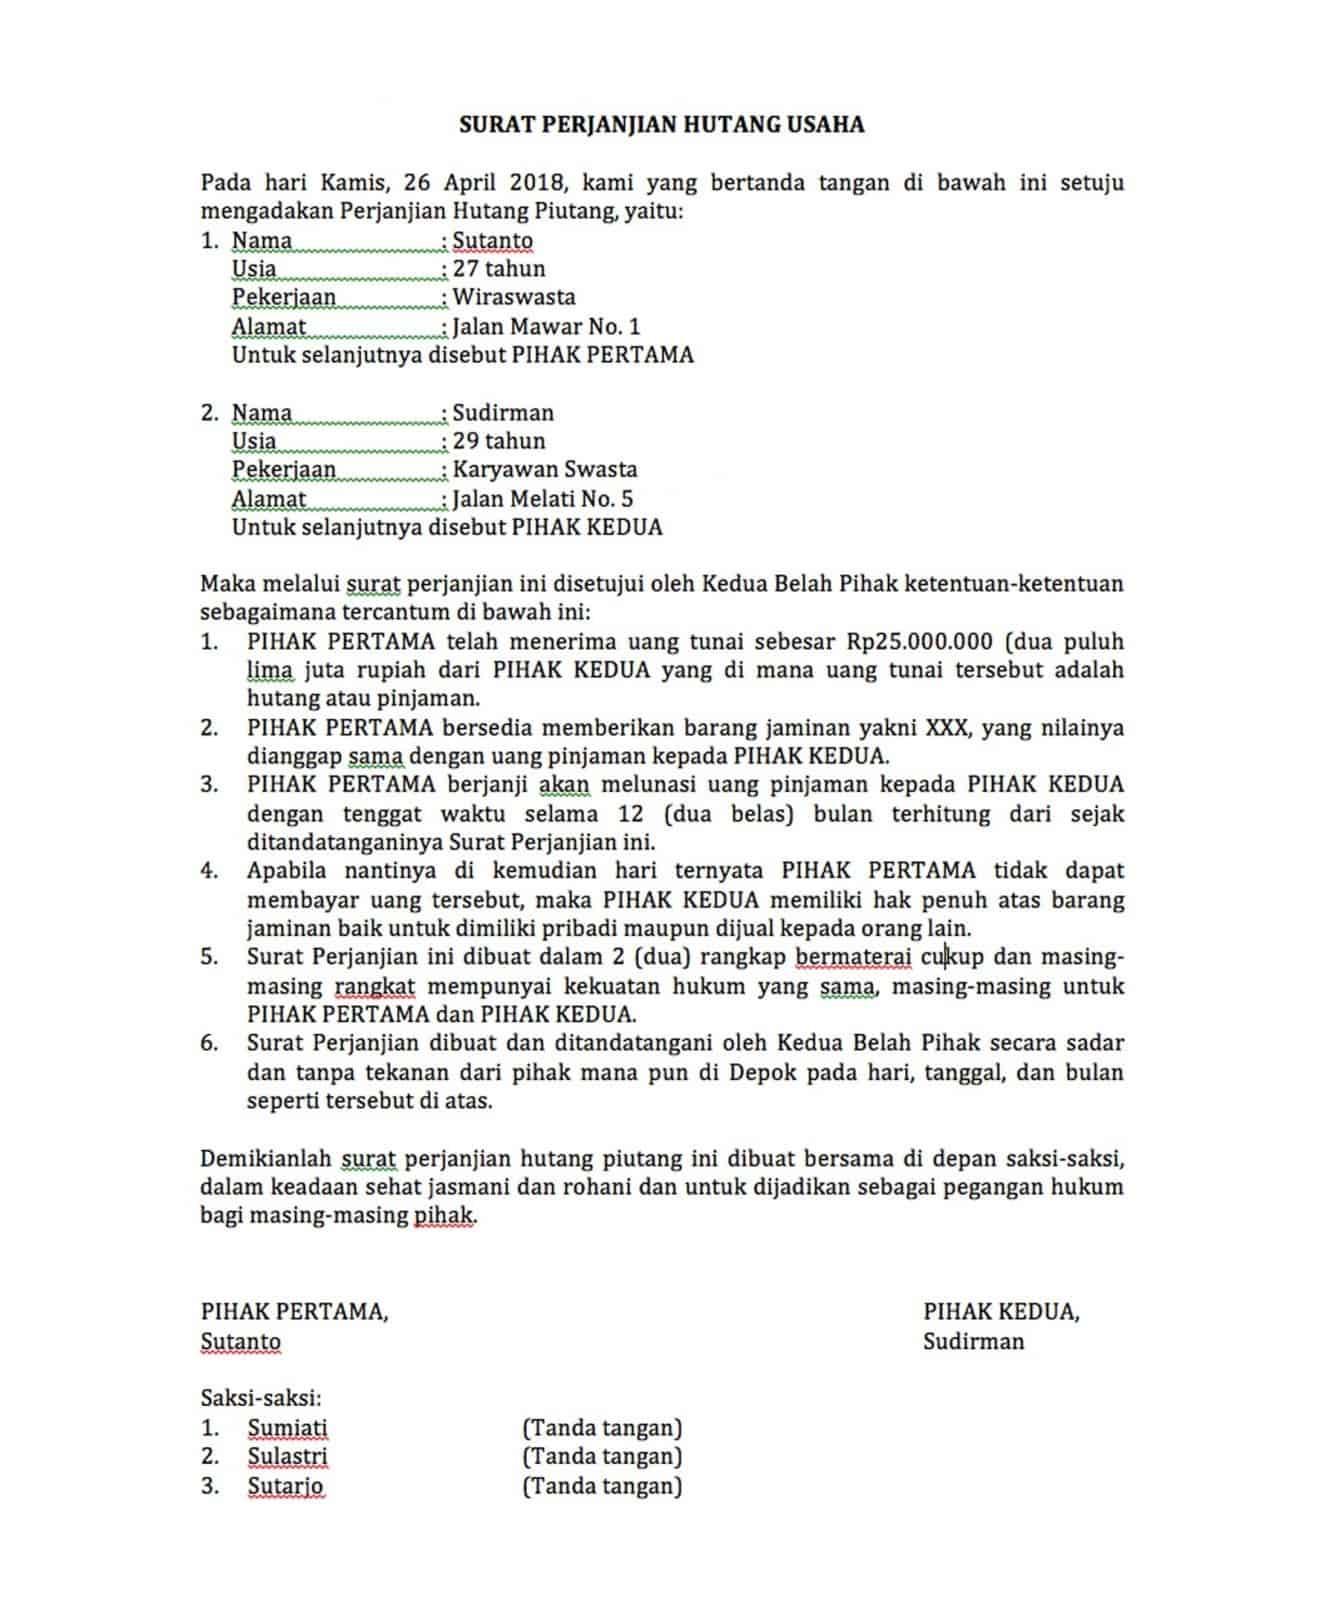 Contoh Surat Perjanjian Hutang Piutang : contoh, surat, perjanjian, hutang, piutang, Lengkap, Contoh, Membuat, Surat, Perjanjian, Hutang, Usaha, Sleekr